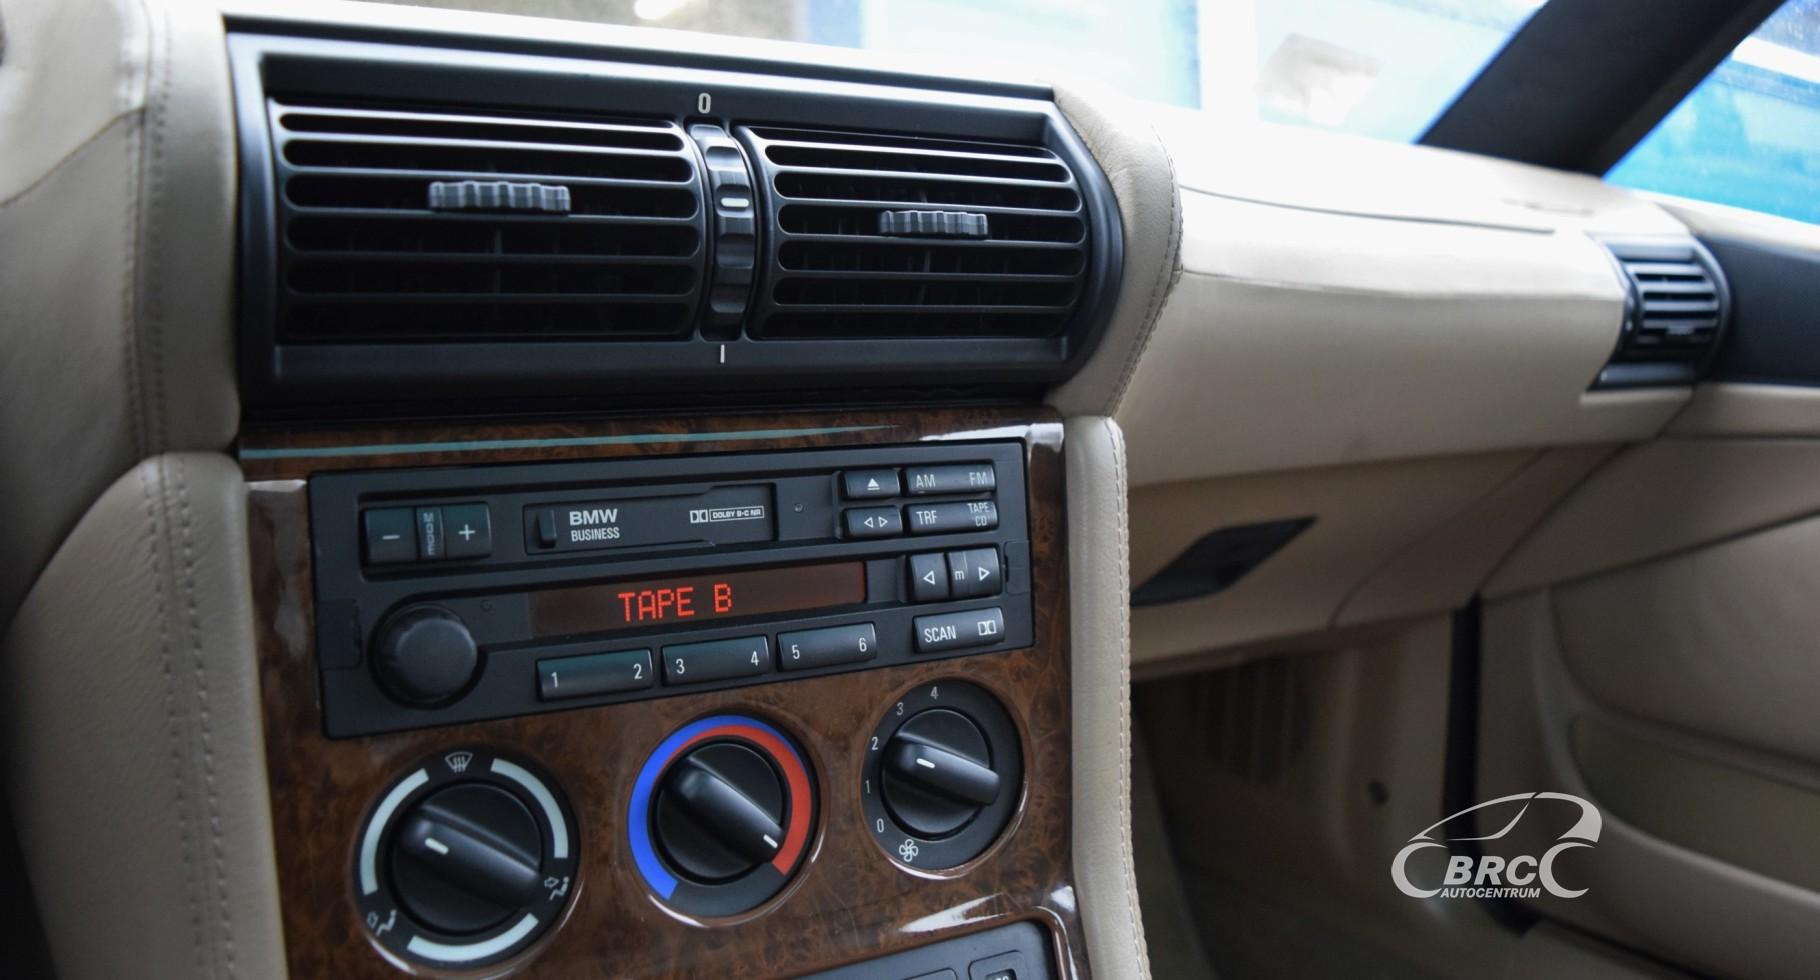 BMW Z3 Coupe 2.8i